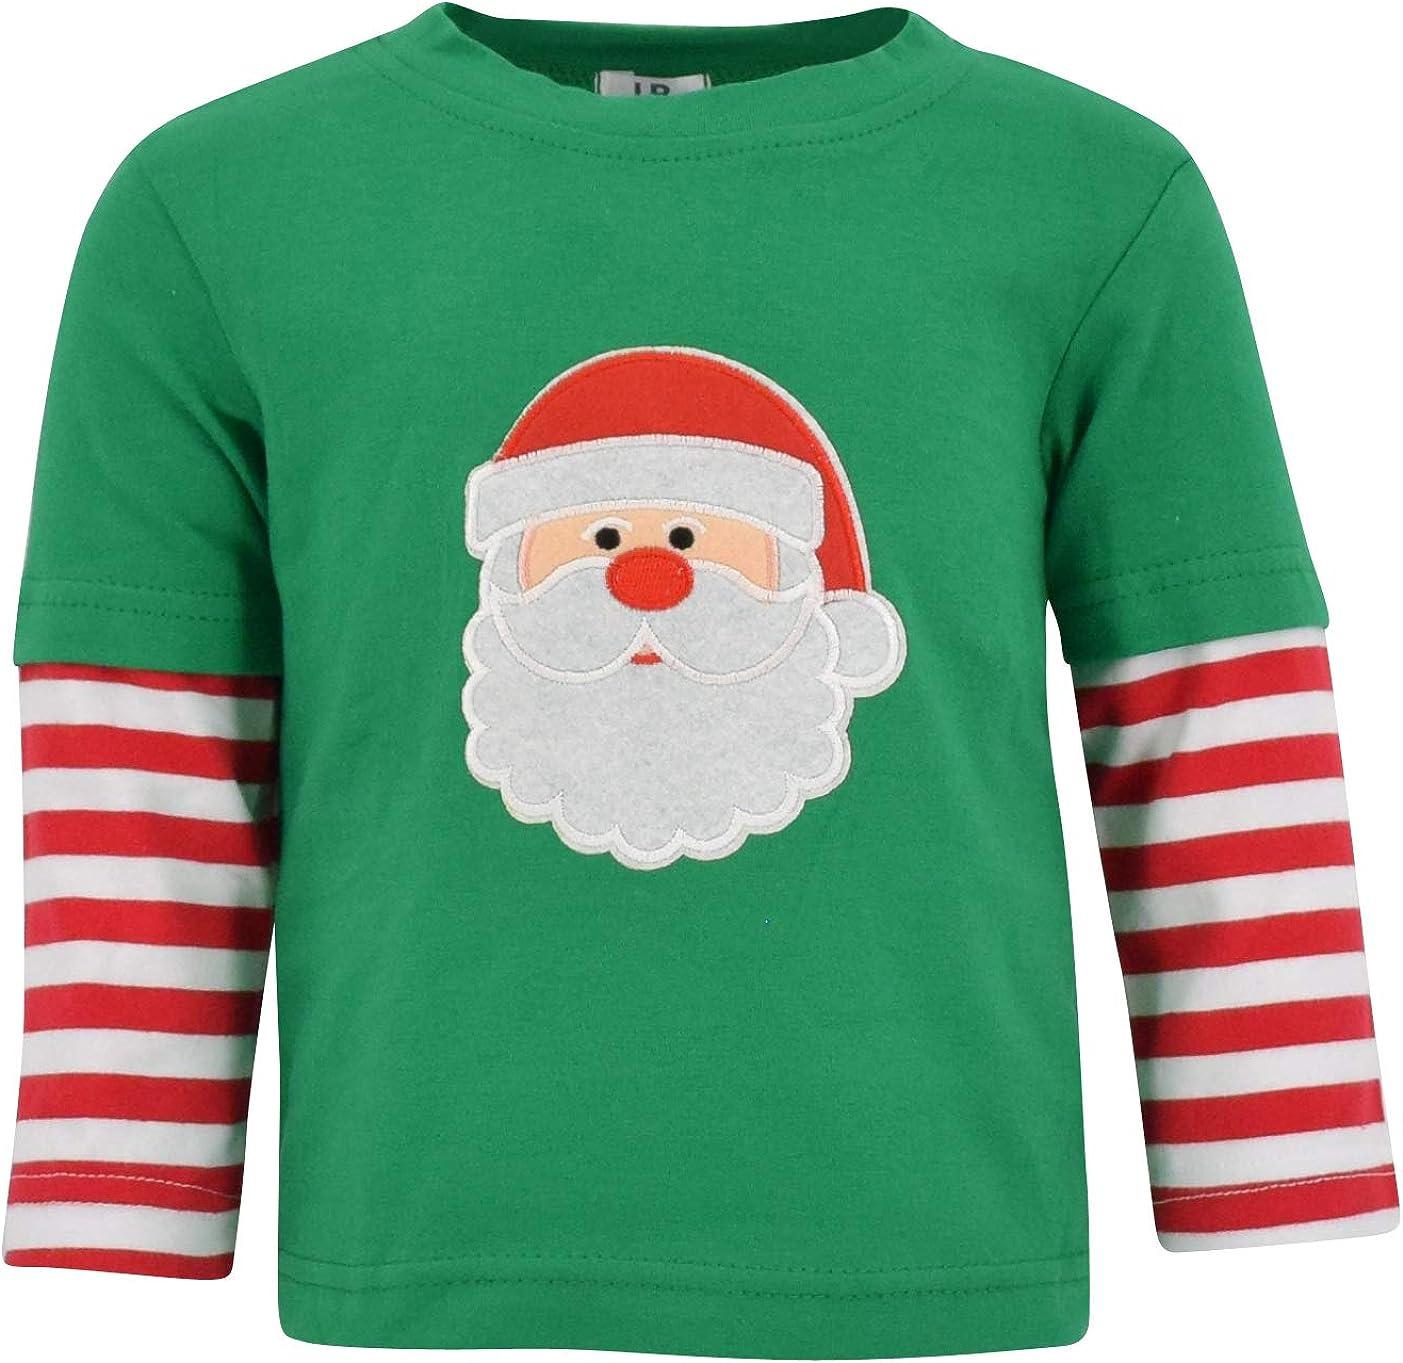 Unique Baby Unisex Layered Christmas Santa Shirt